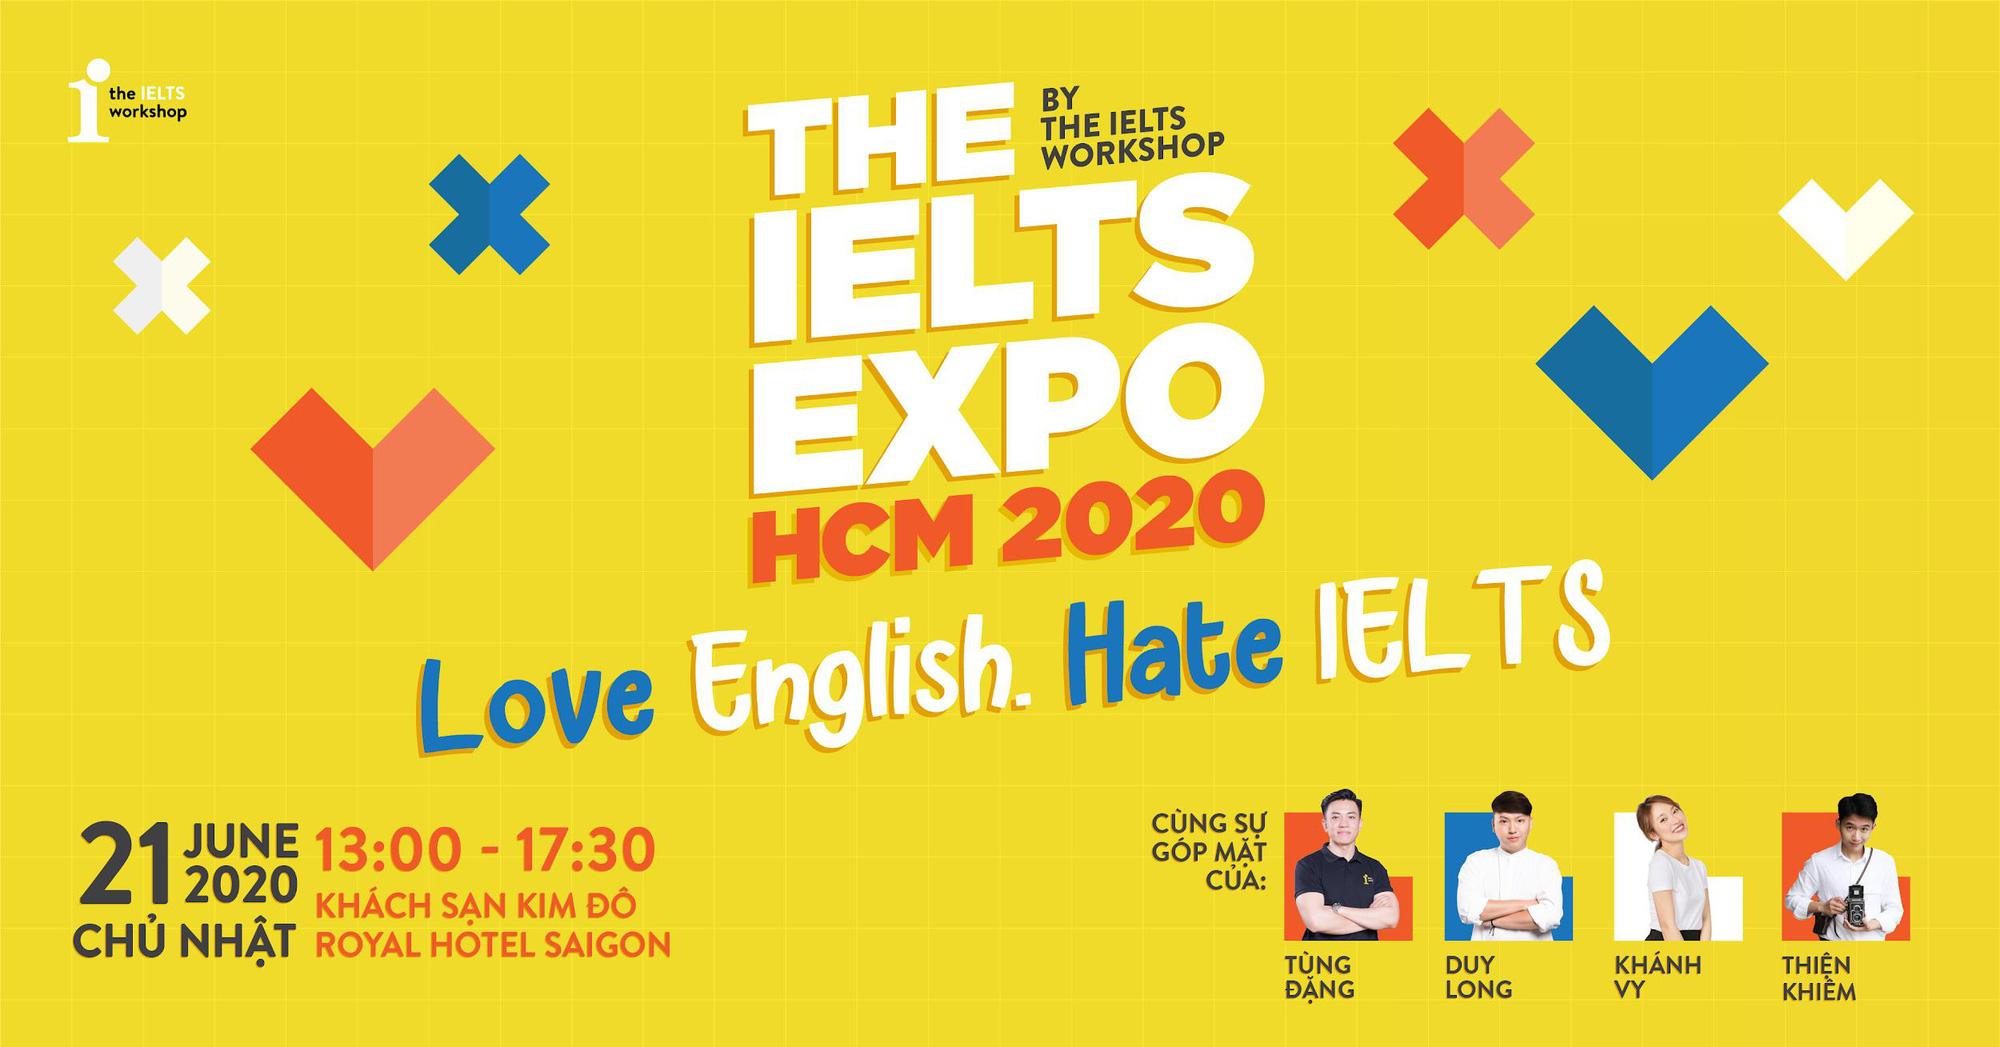 THE IELTS EXPO 2020: Đặng Trần Tùng, Khánh Vy, Thảo Tâm, Duy Long, Thiện Khiêm lần đầu hội ngộ - Ảnh 1.